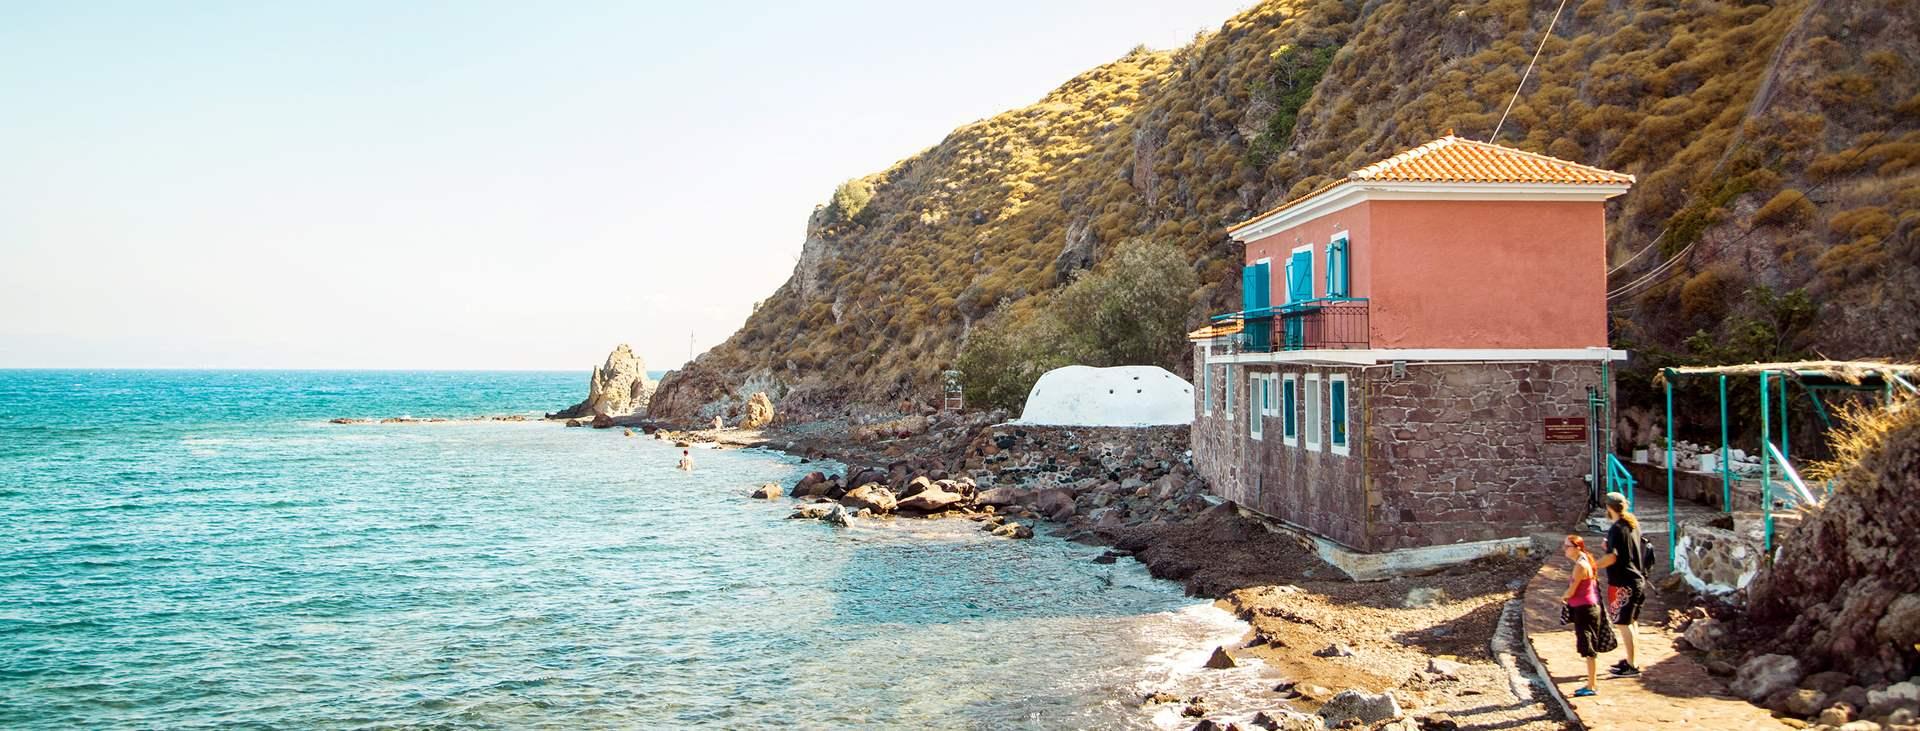 Resor till Eftalou i Grekland